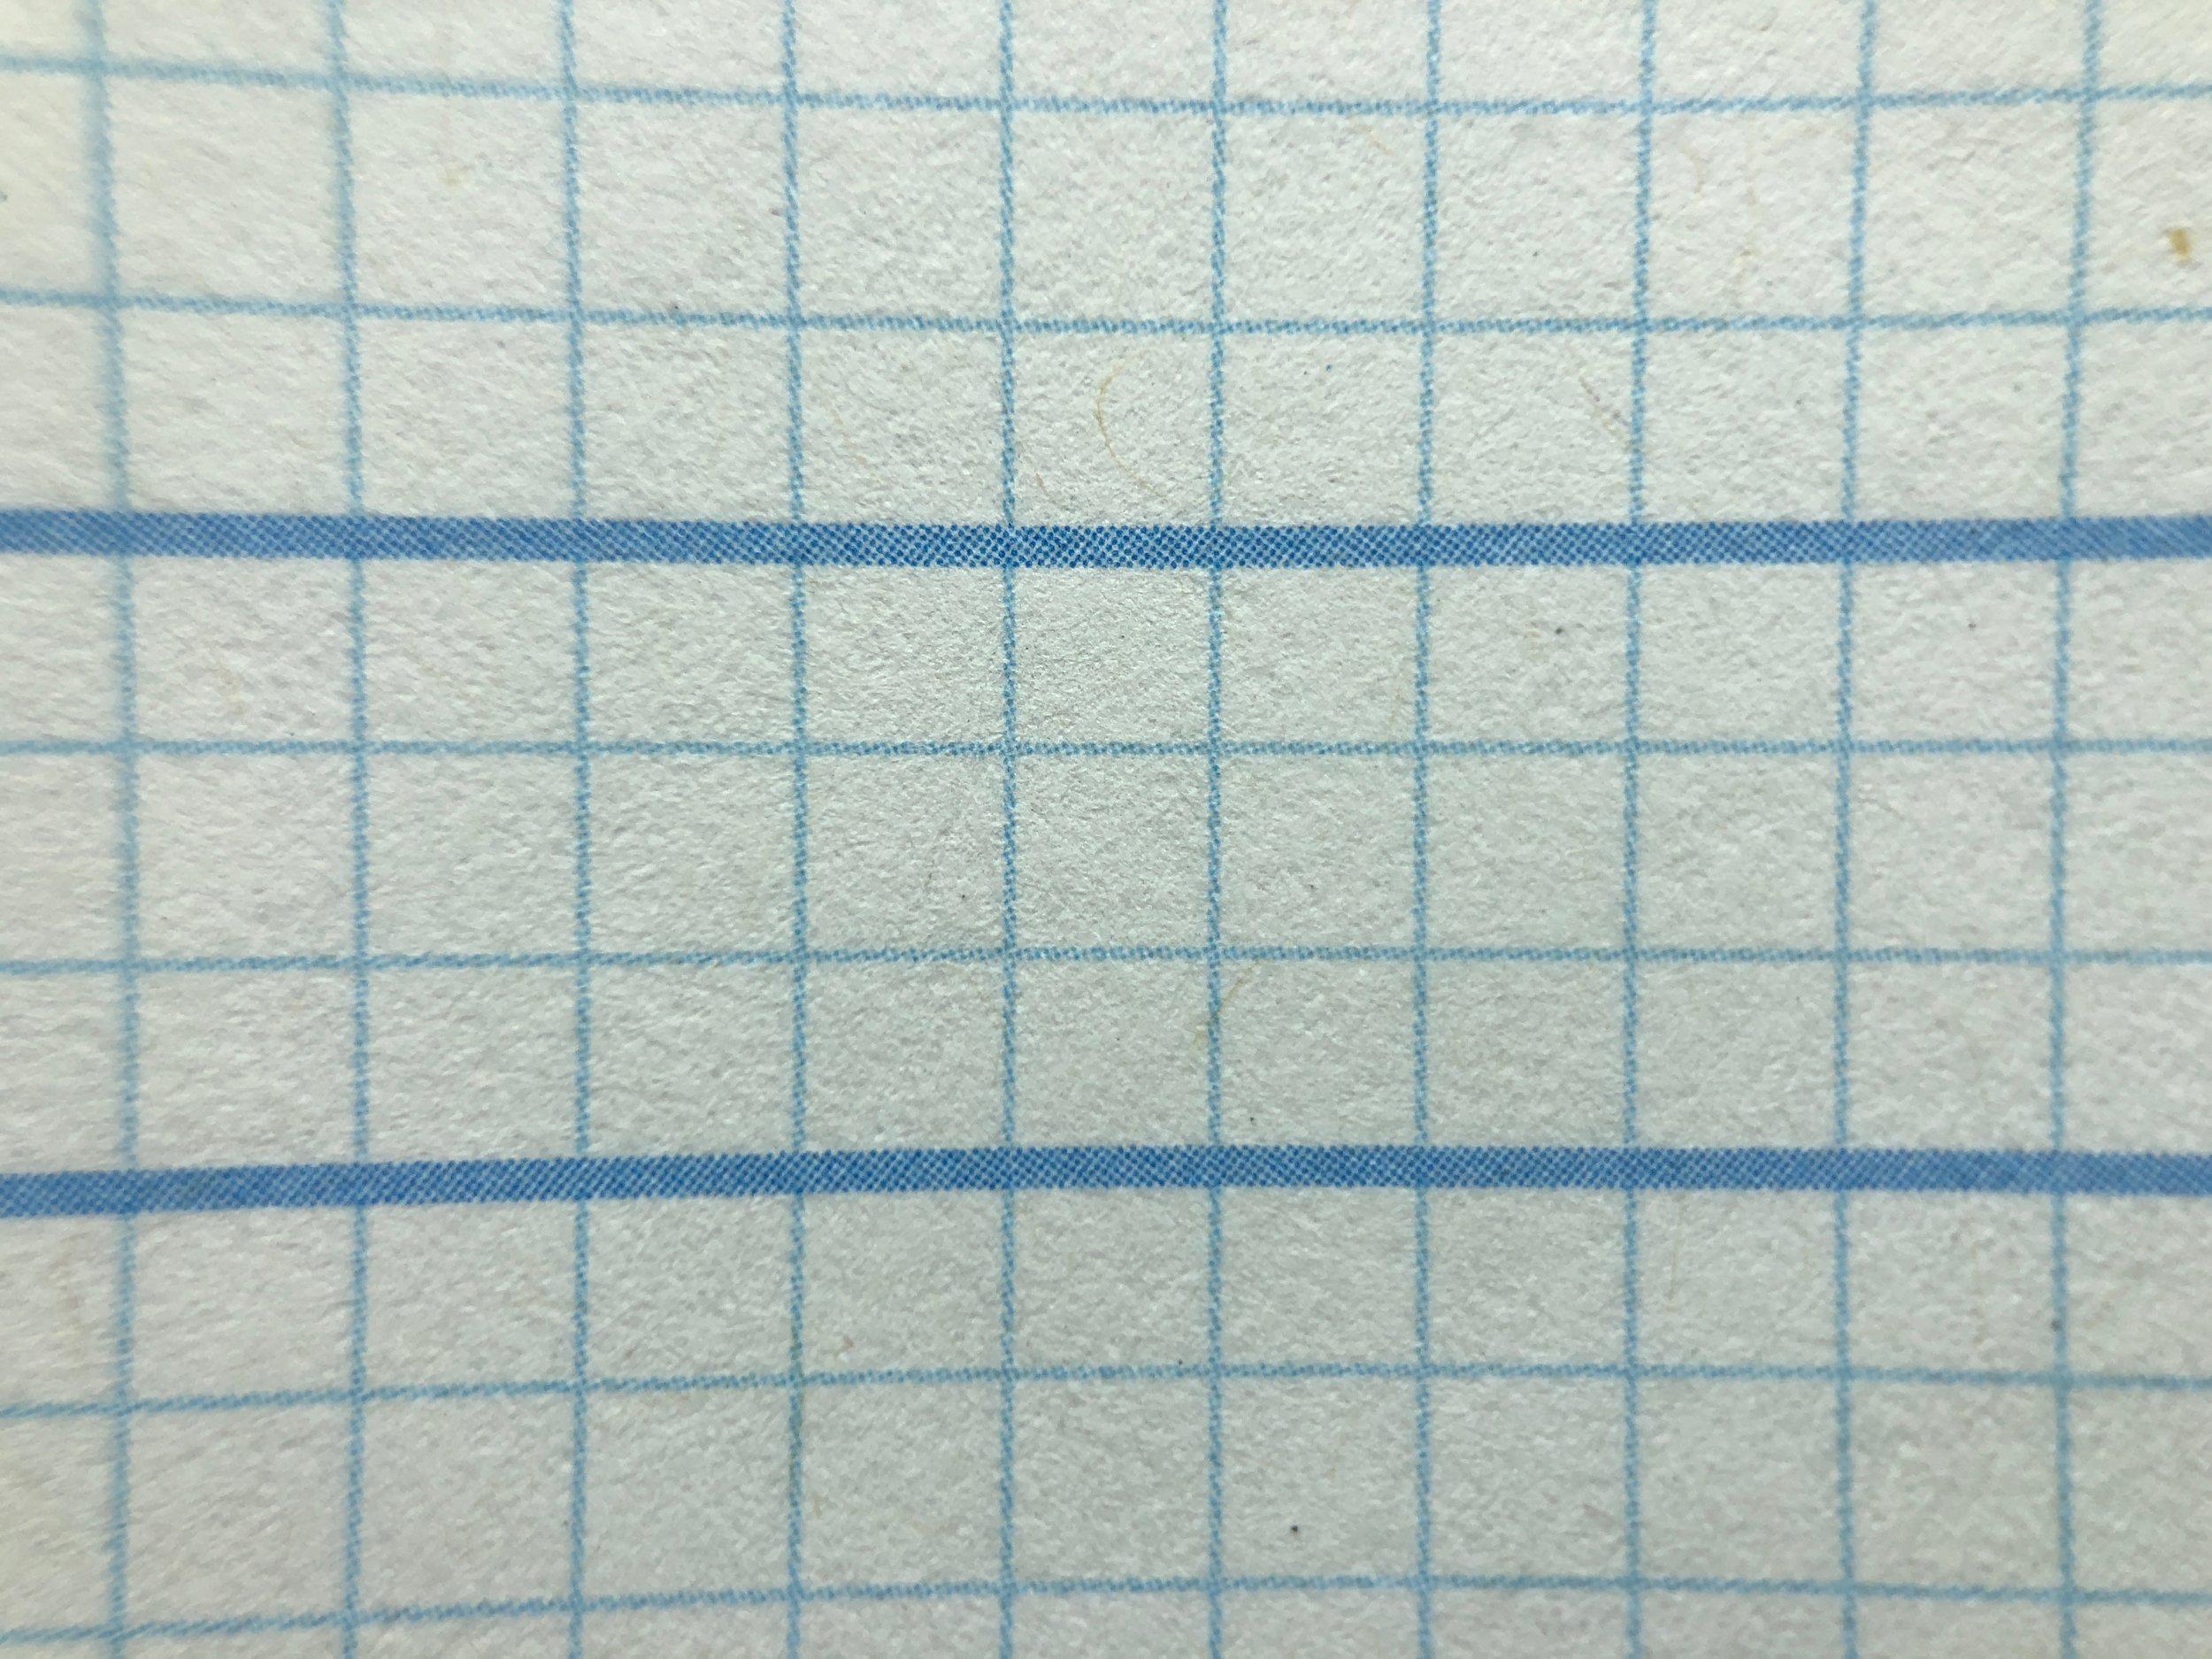 doane-paper-jotter-4.jpg